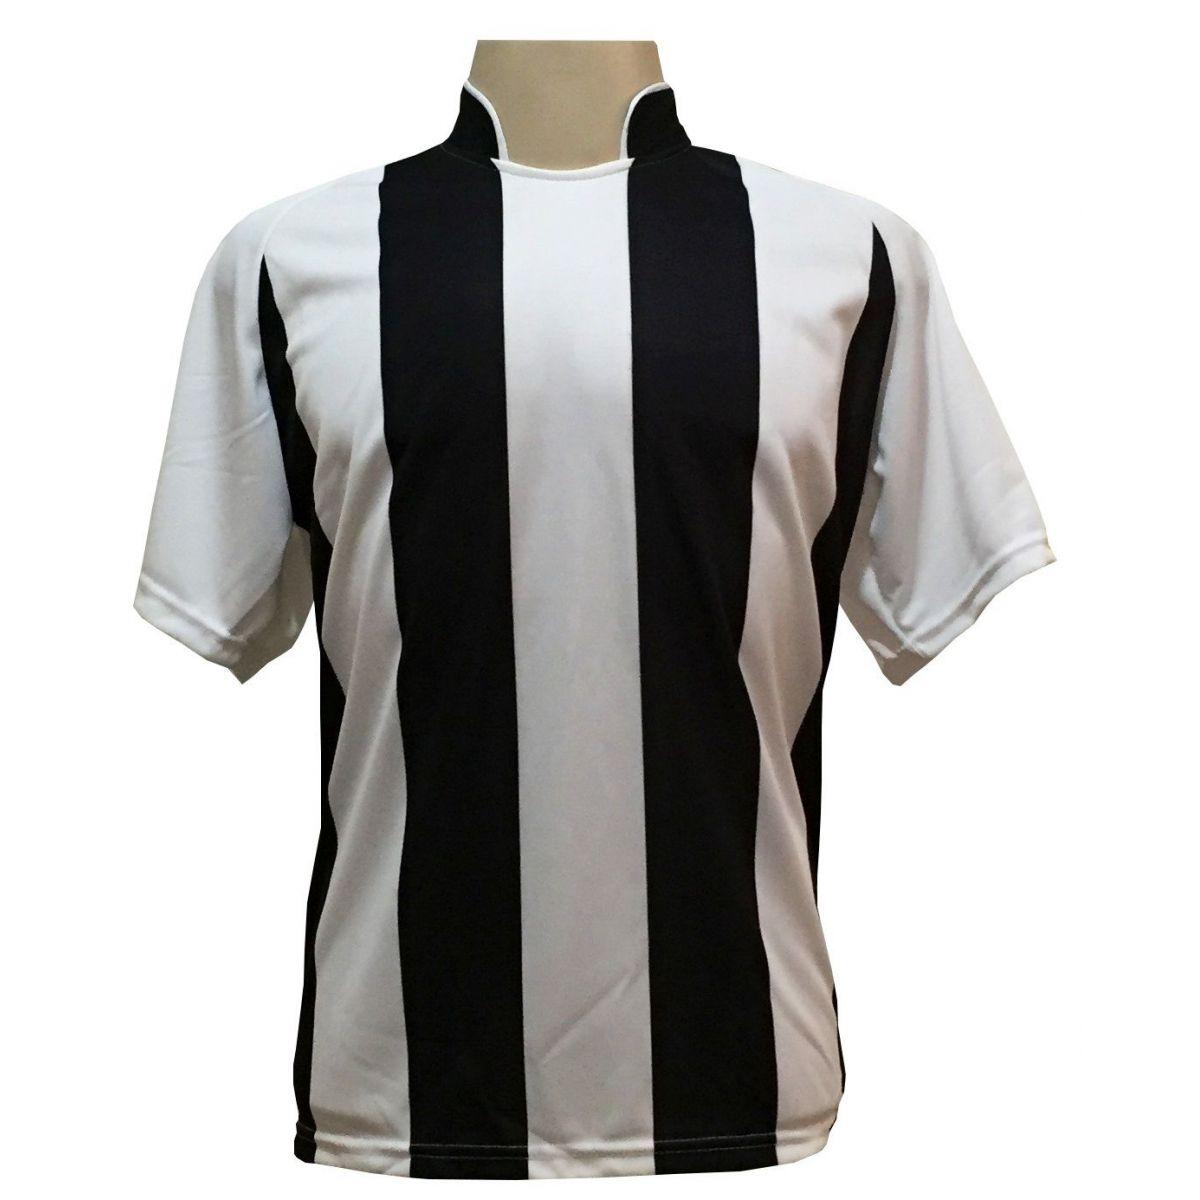 Uniforme Esportivo com 12 camisas modelo Milan Branco/Preto + 12 calções modelo Madrid Preto + Brindes